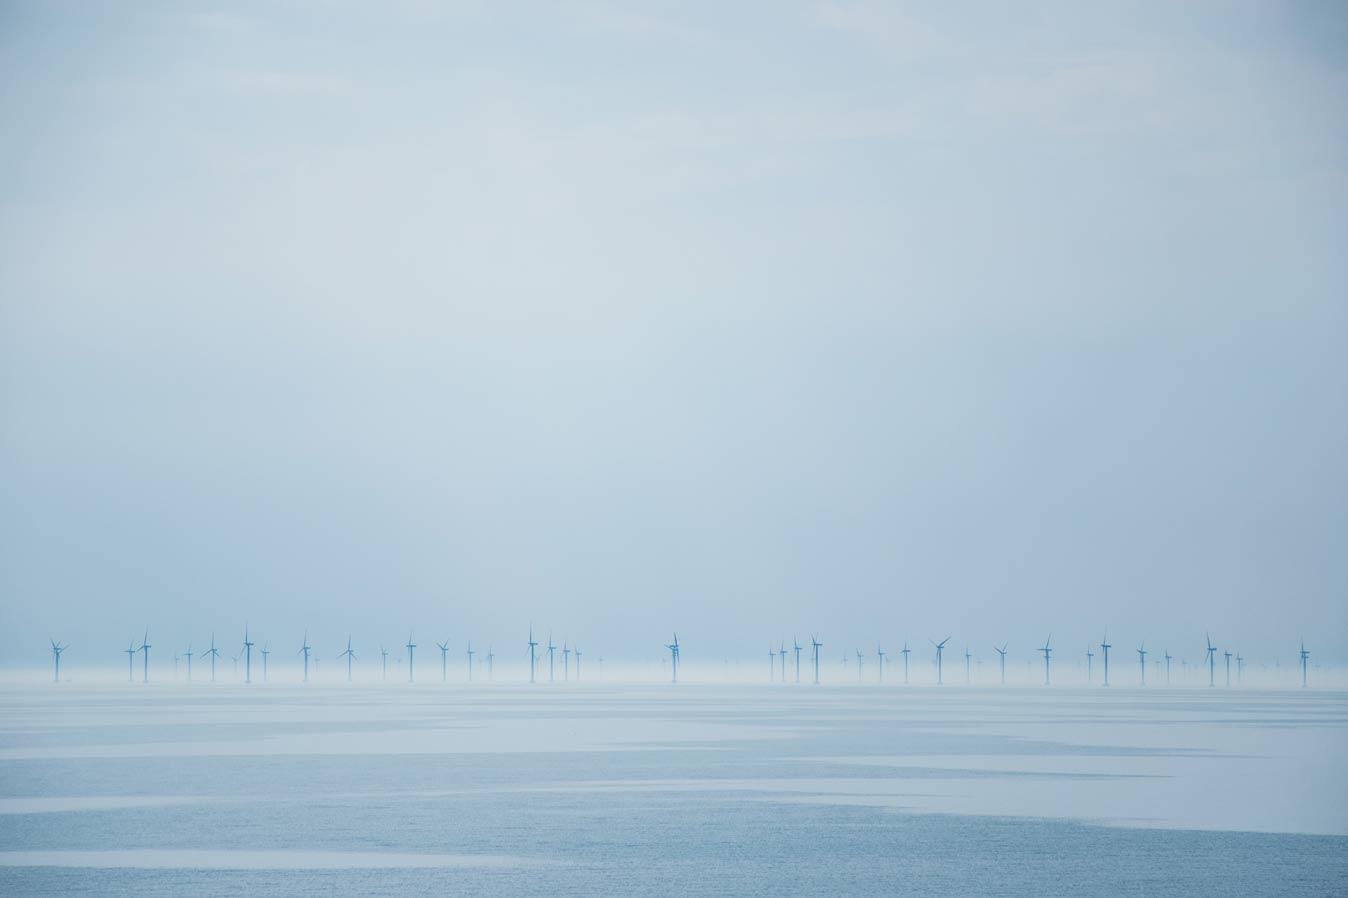 В Нидерландах начнут строить глубоководные ветряки